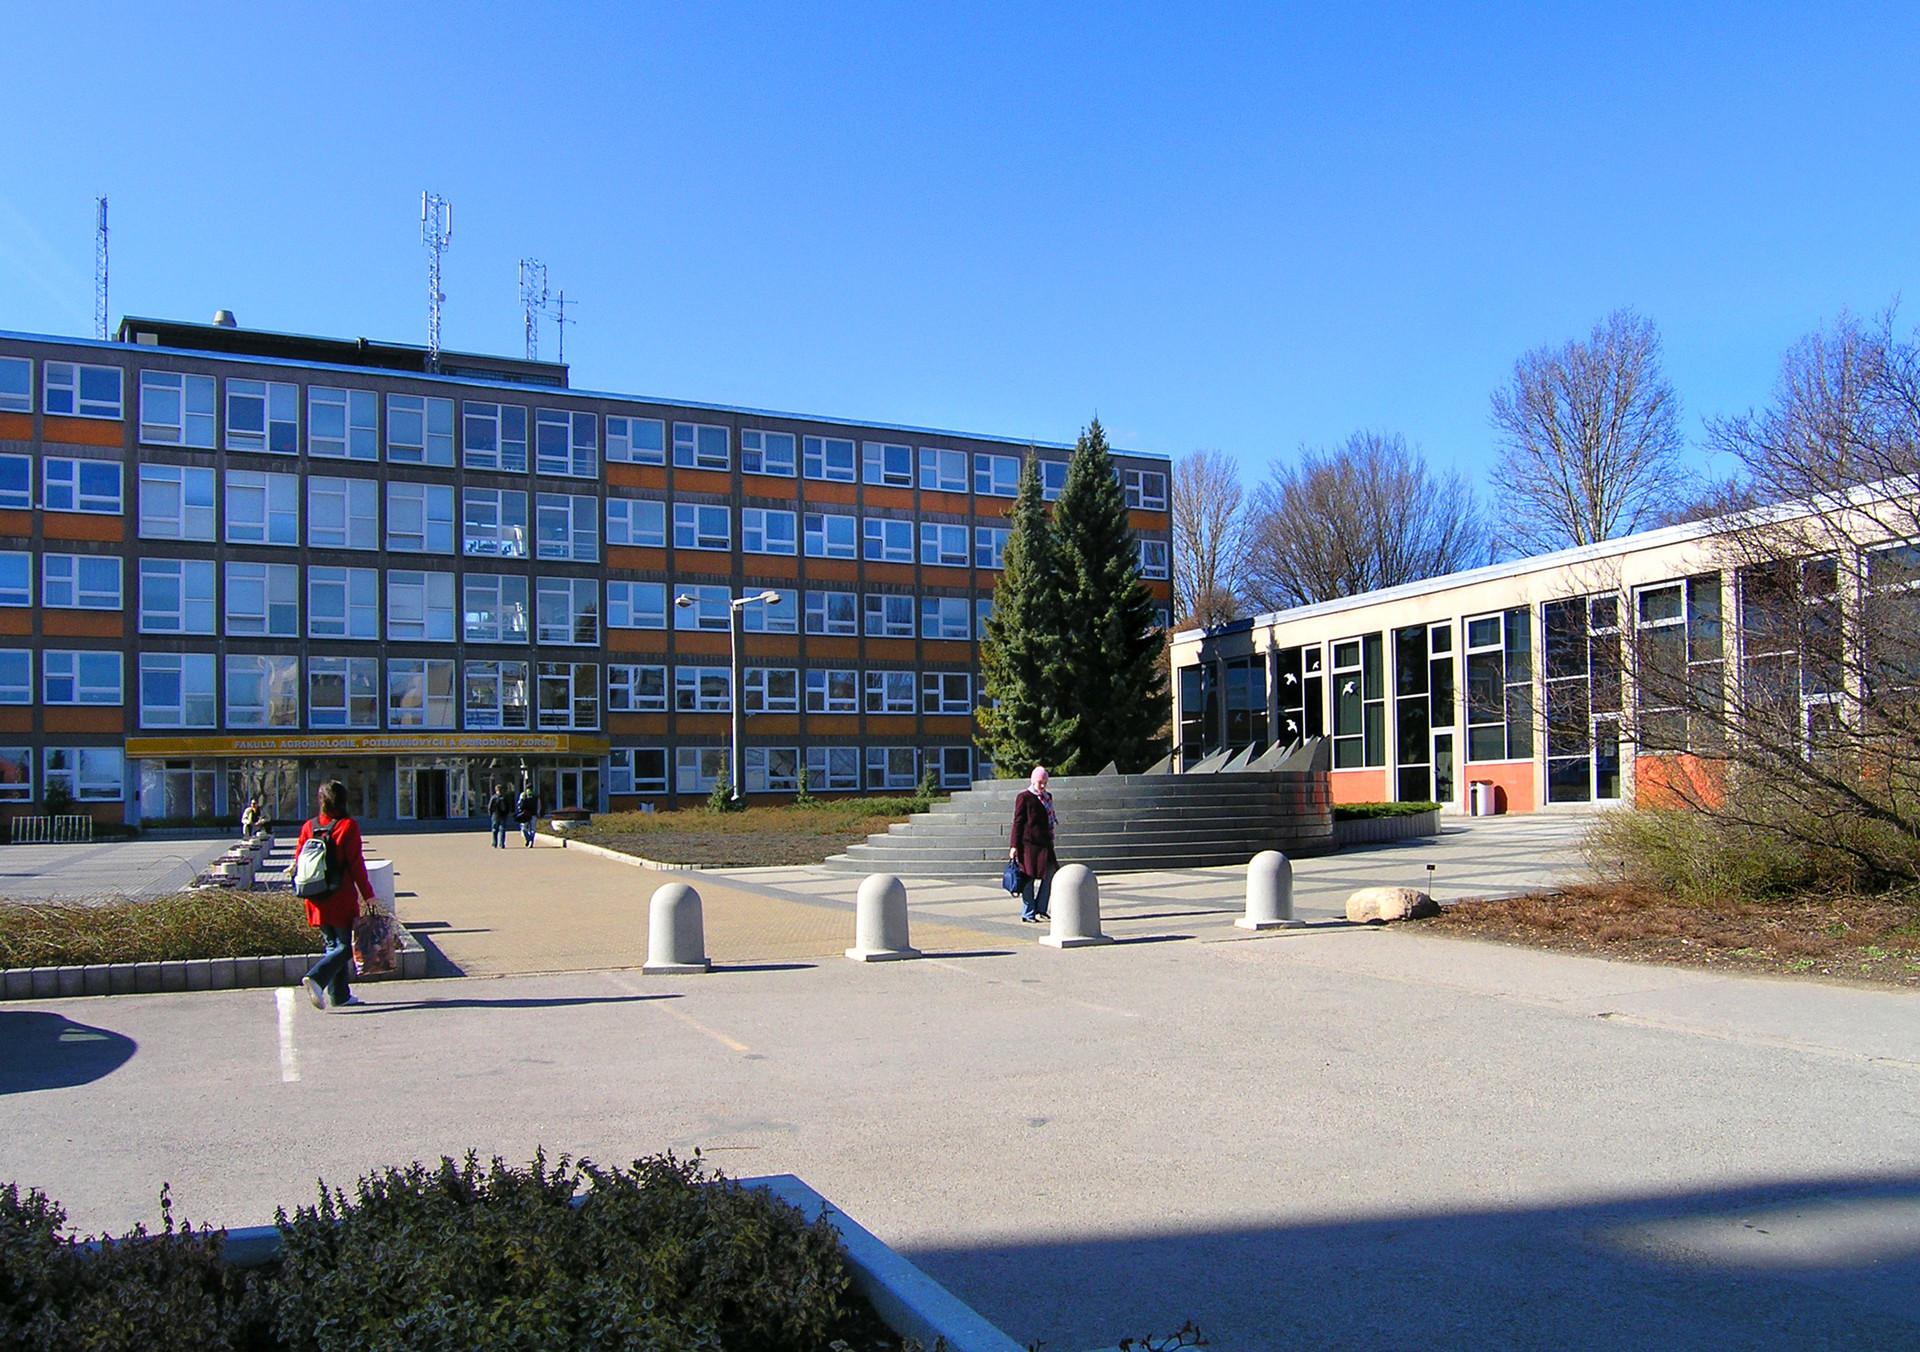 Esperienza alla Czech University of Life Sciences di Praga, Repubblica Ceca di Šimon